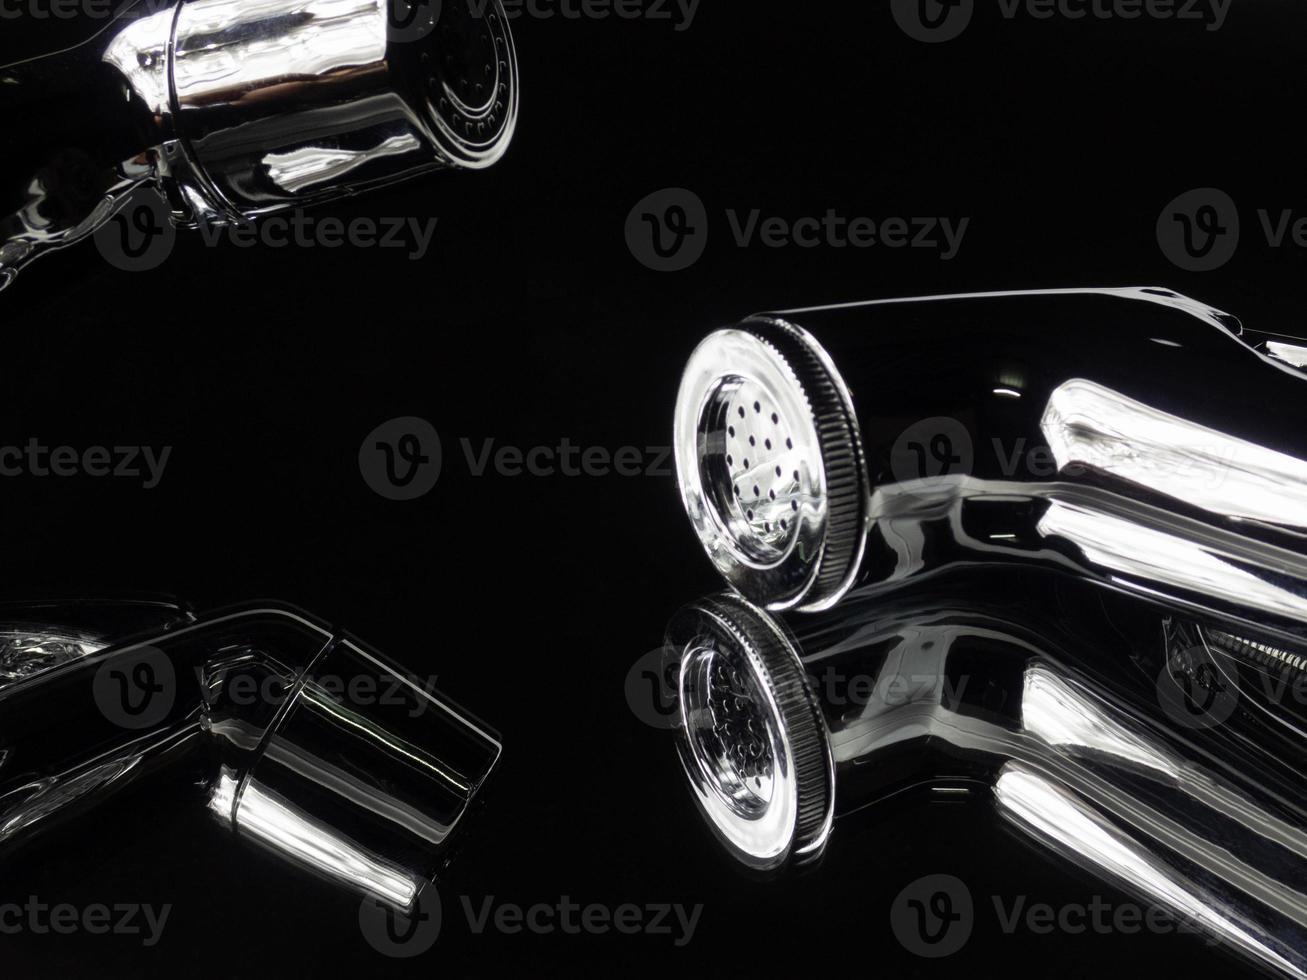 close-up bidet douche materiaal en spiraal pijp. het ontwerpconcept is gebaseerd op een spiegelachtergrond met een zwarte tint die zeer glanzend en duur is. kontreinigingsapparatuur in de badkamer foto